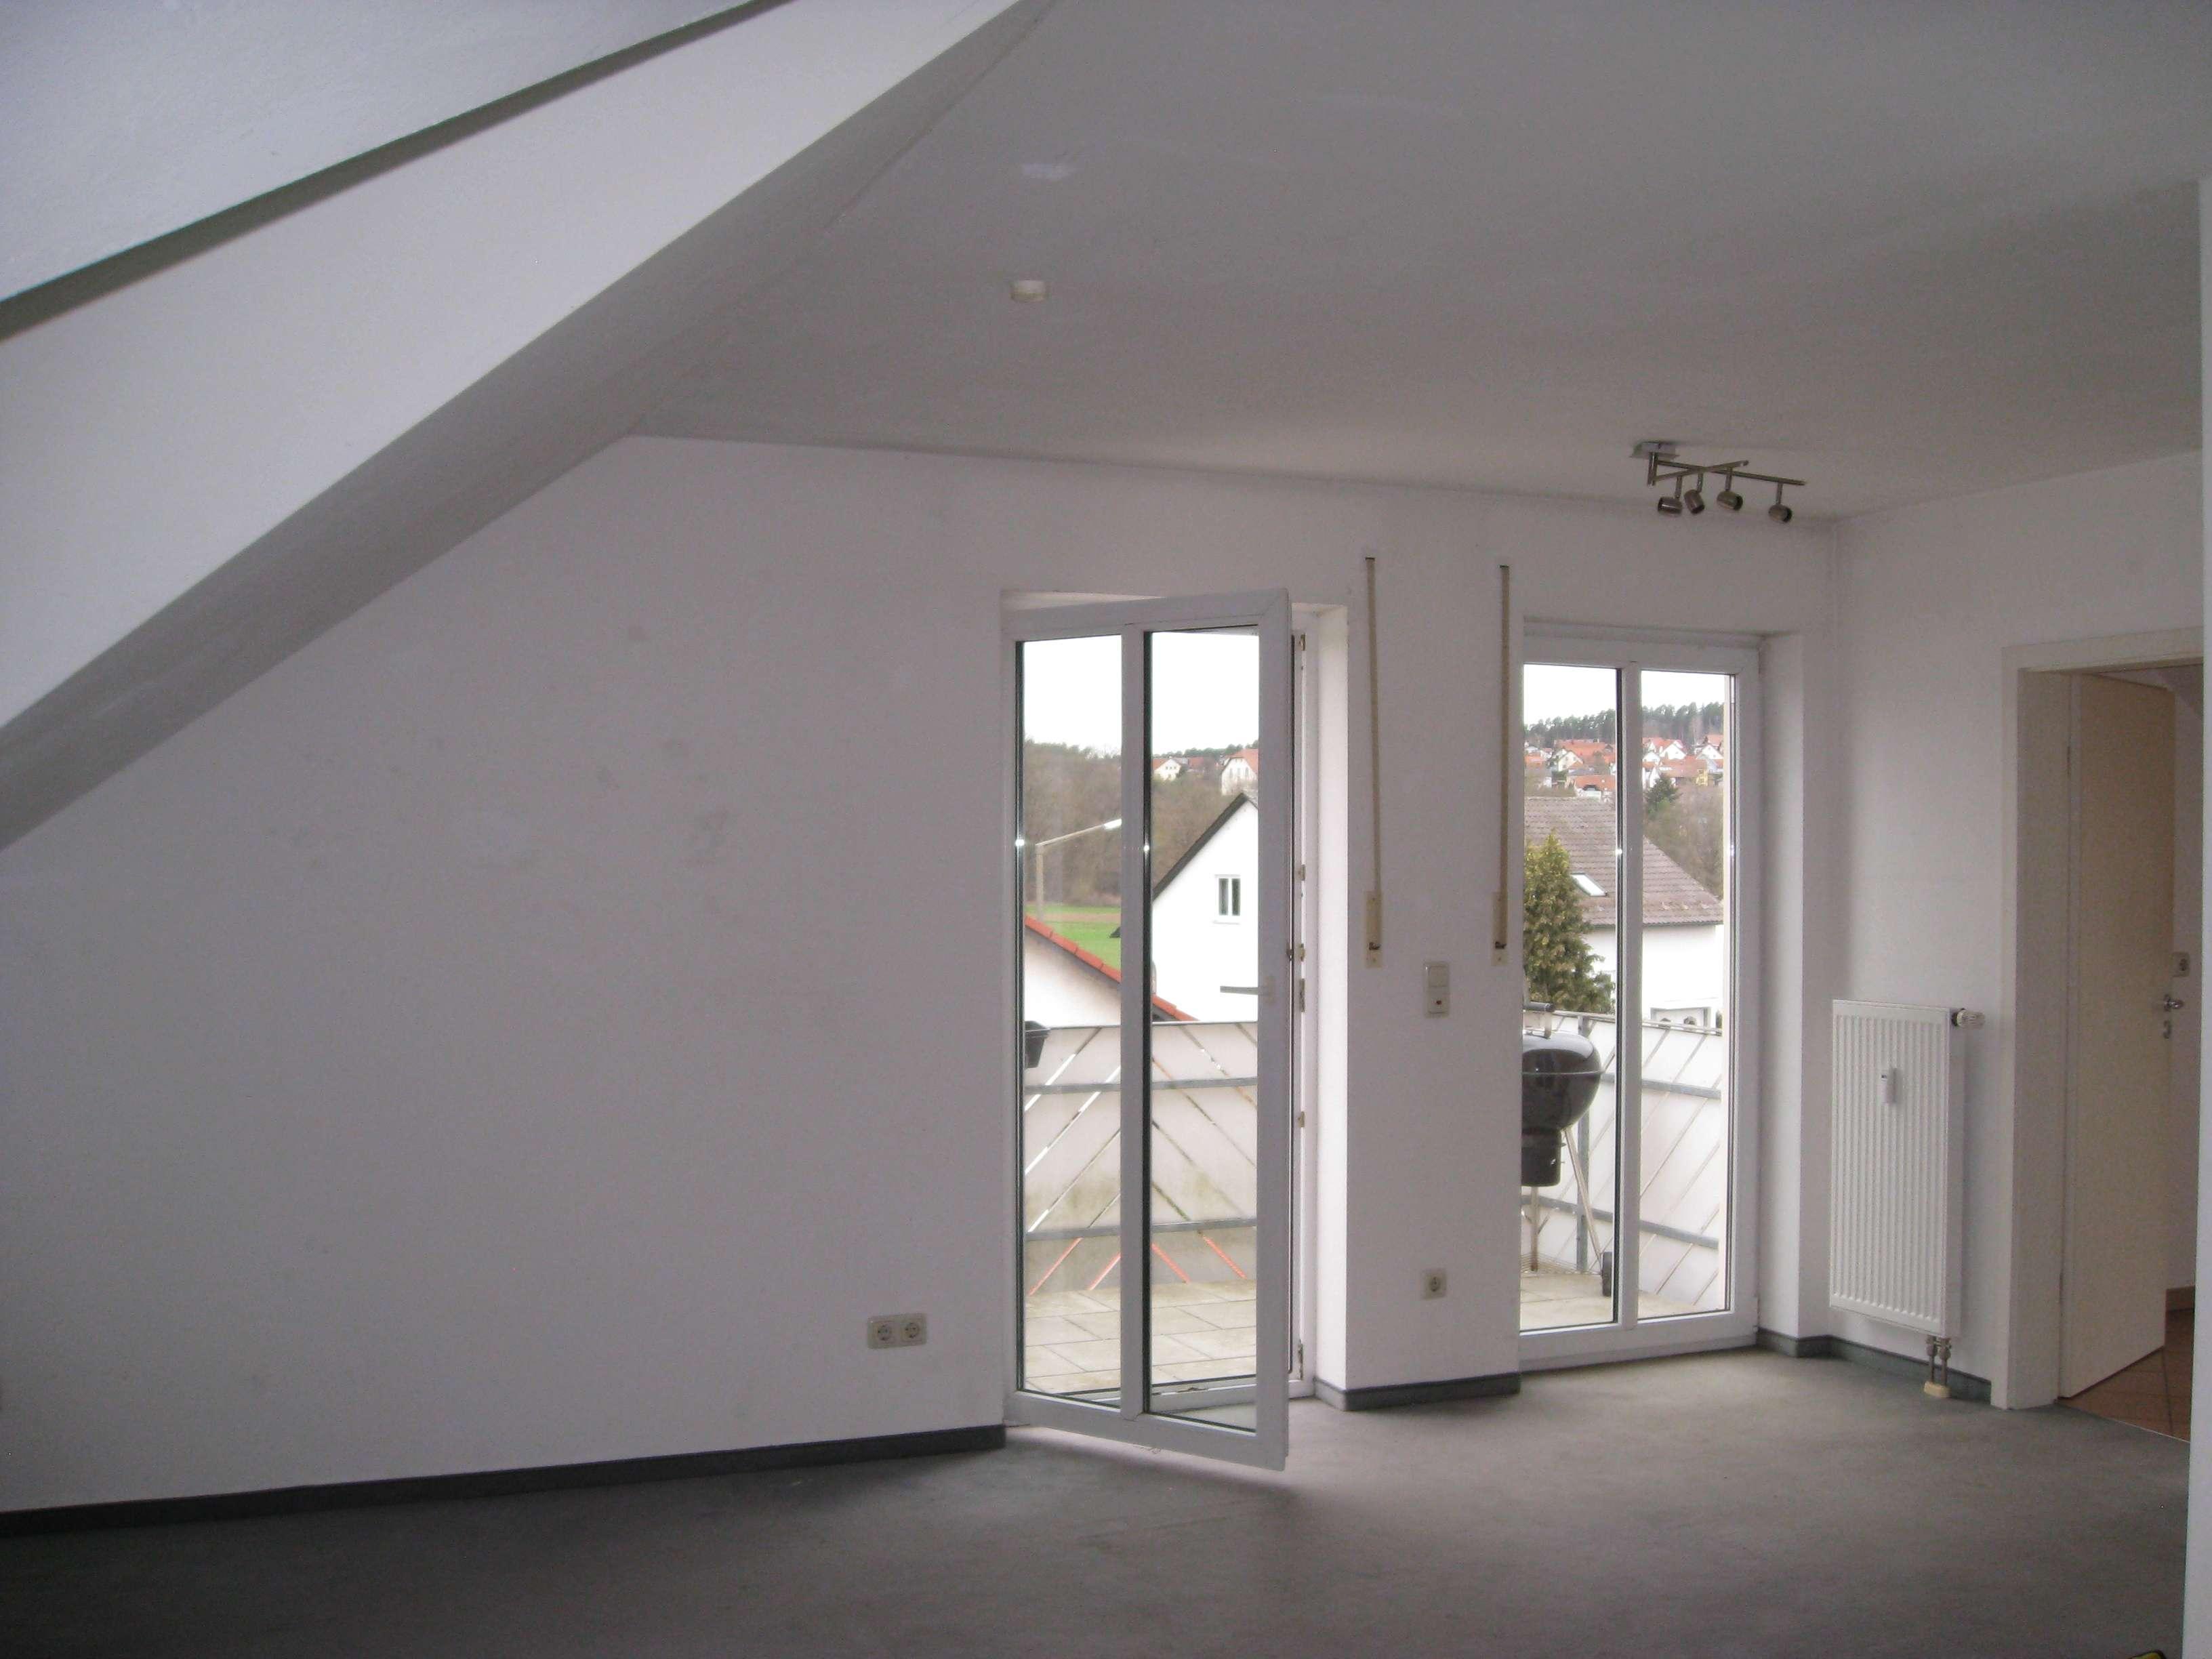 Vollständig renovierte 1,5-Zimmer-DG-Wohnung mit Balkon und Einbauküche in Schwandorf